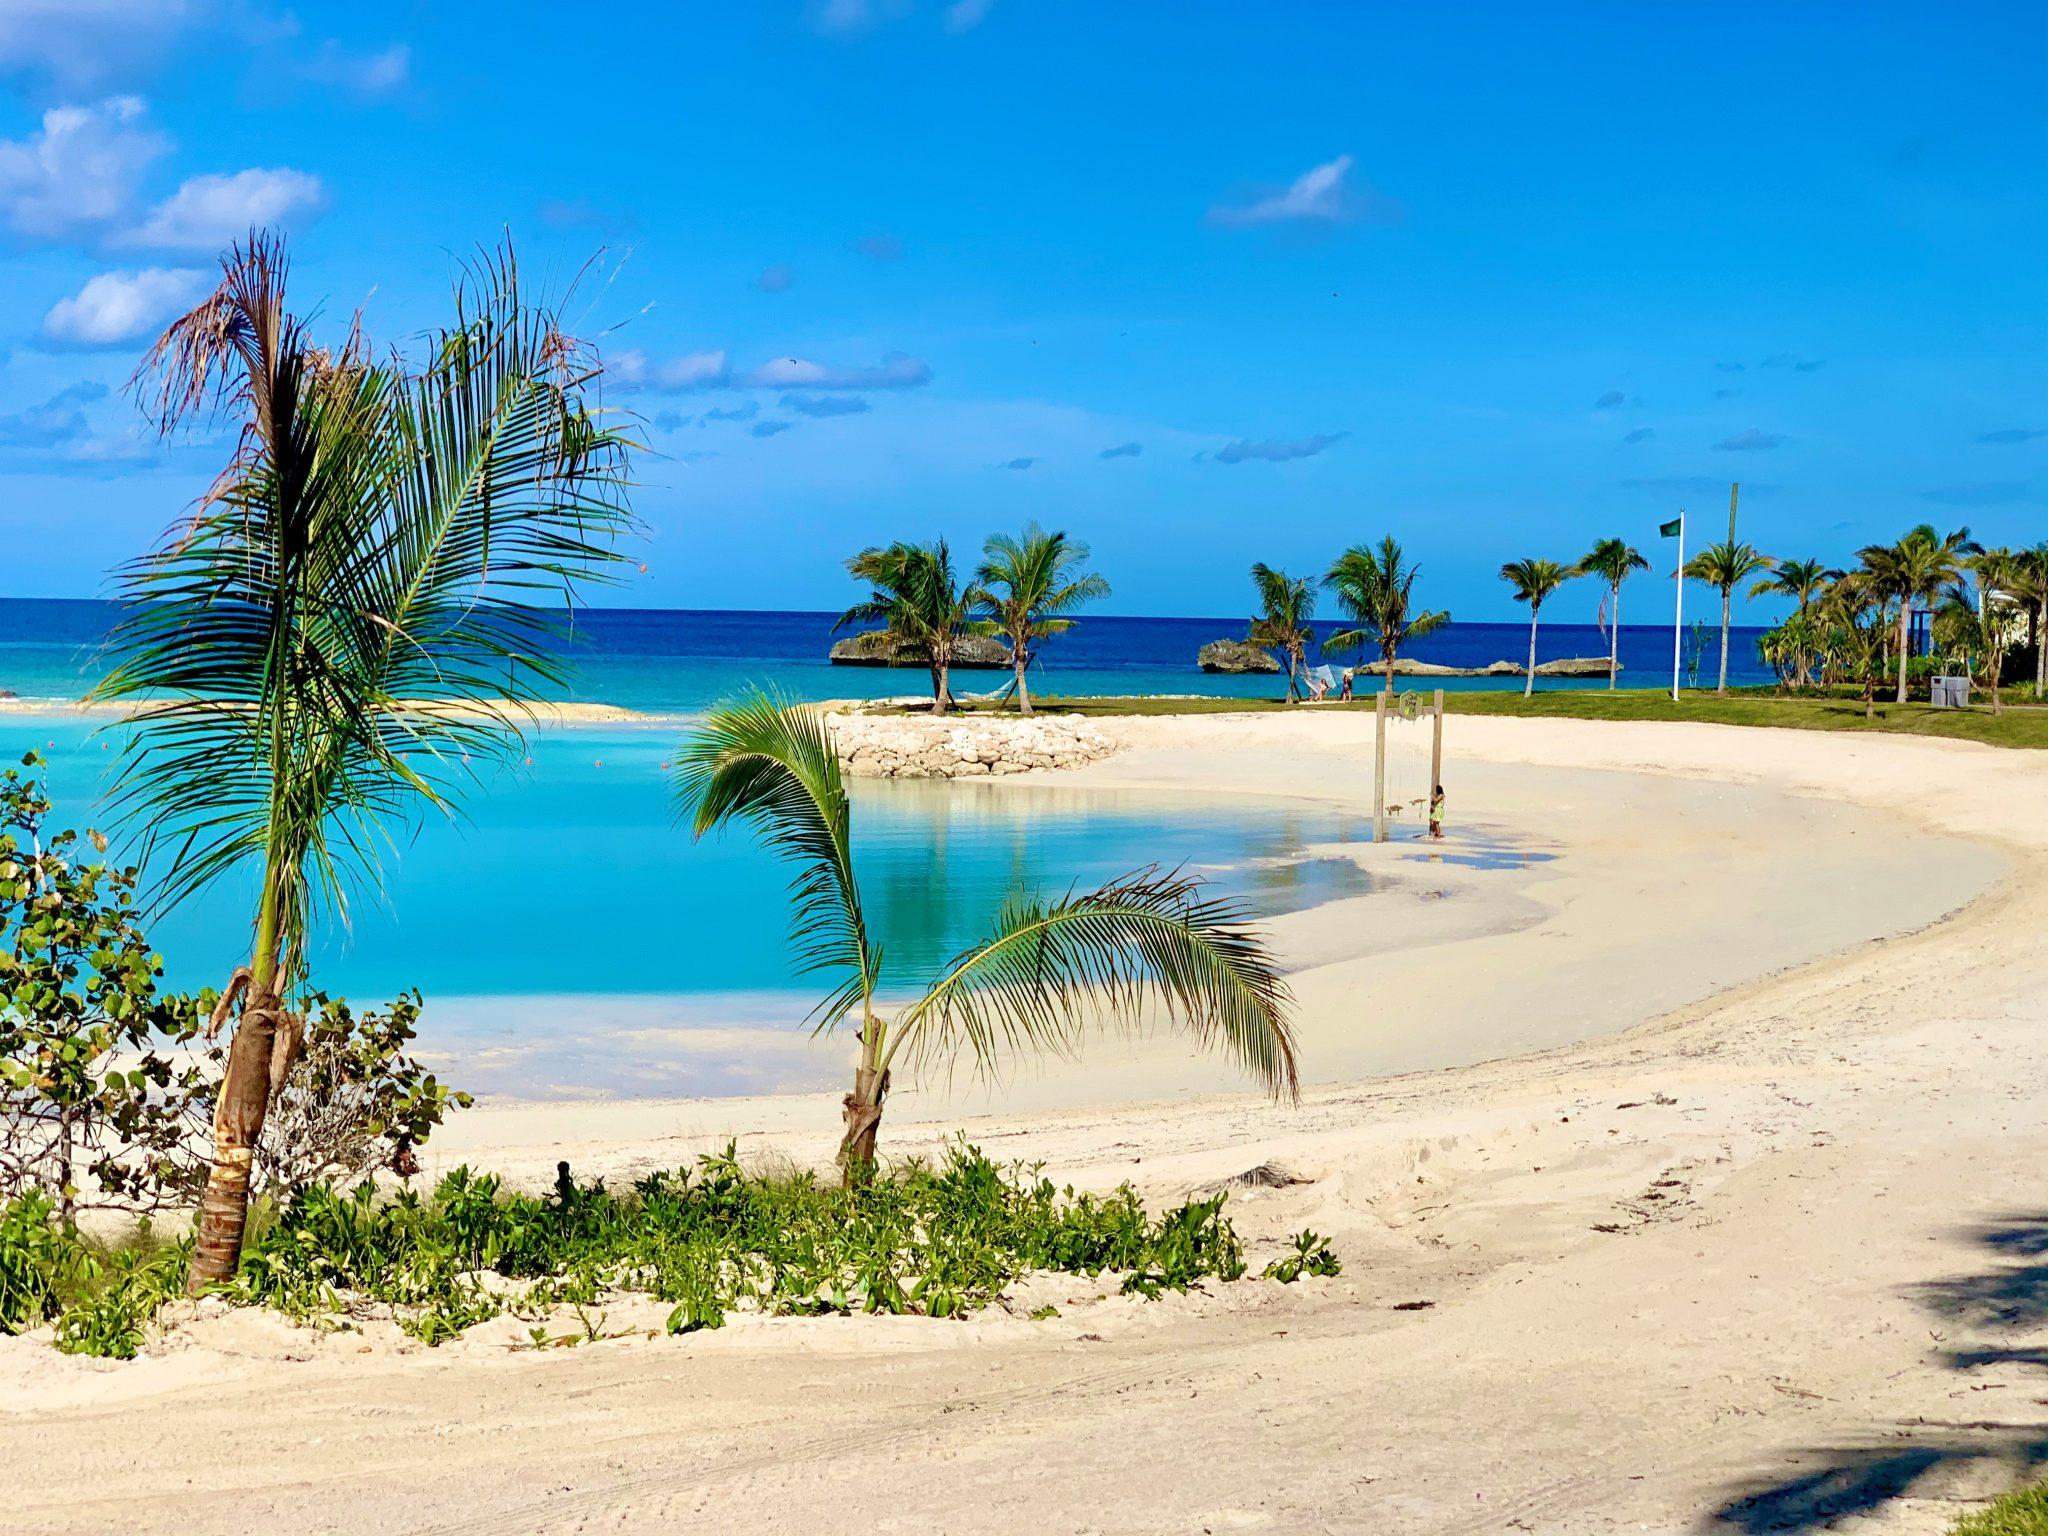 Private Cruise Destinations